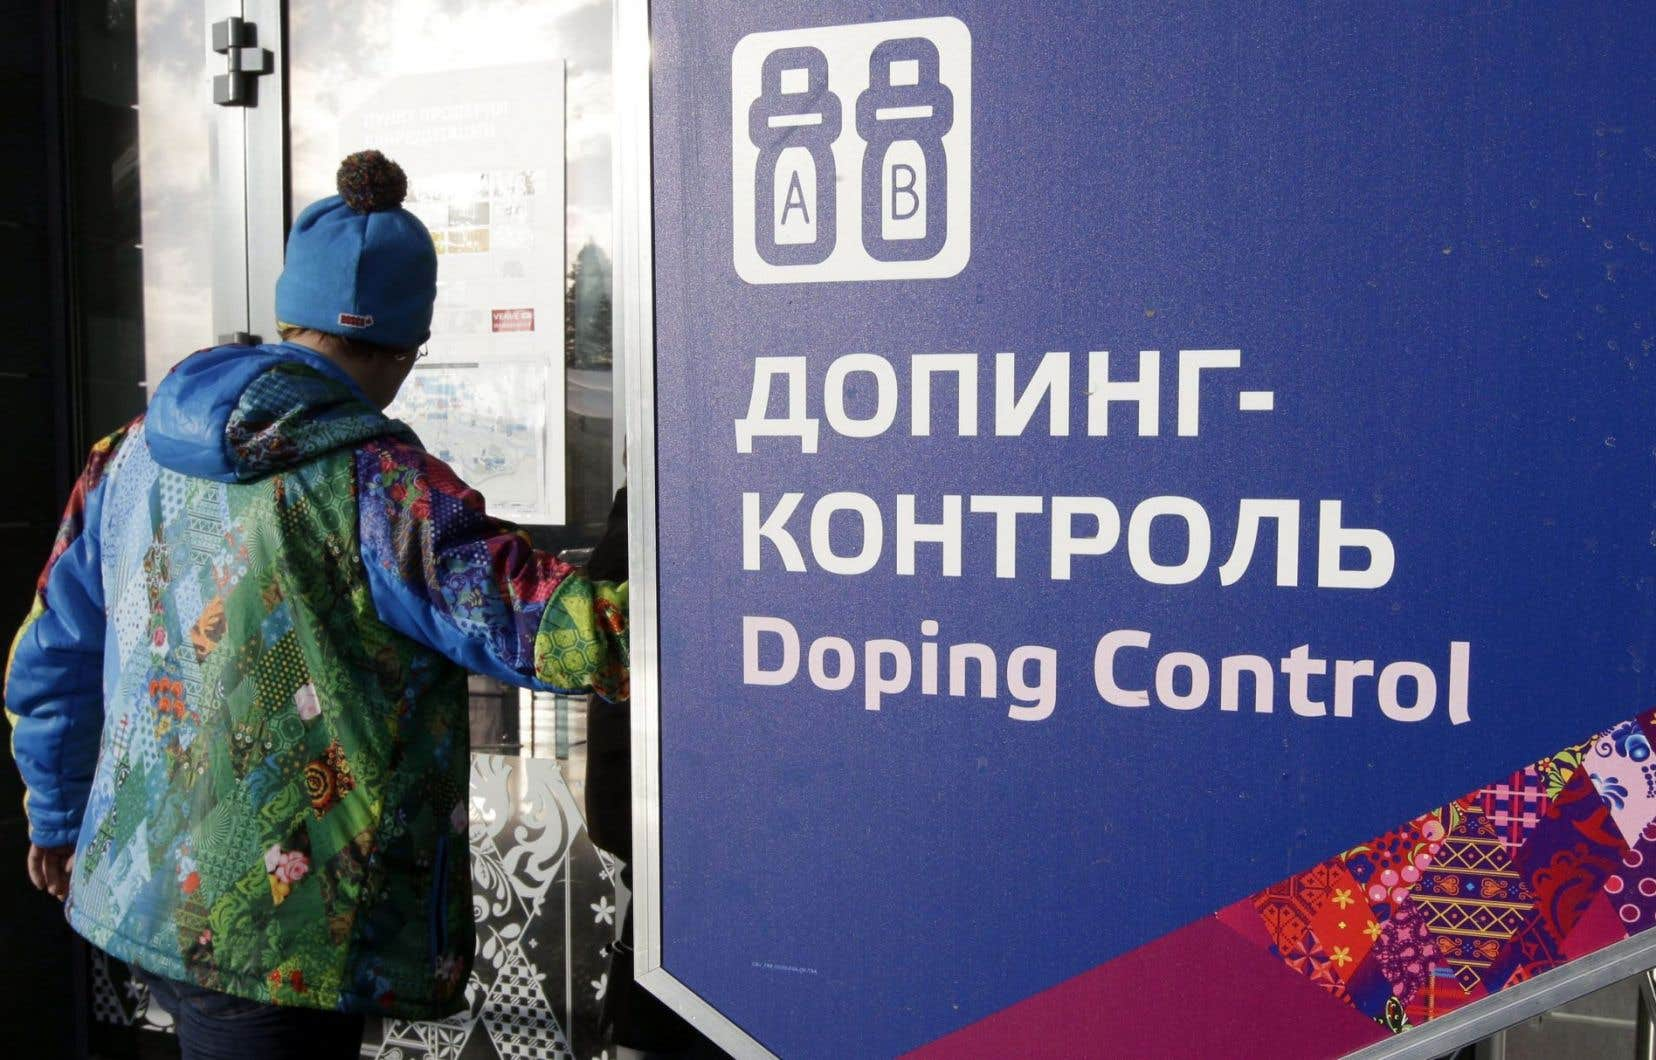 Les soupçons de dopage qui visent les Russes touchent de nombreux sports.